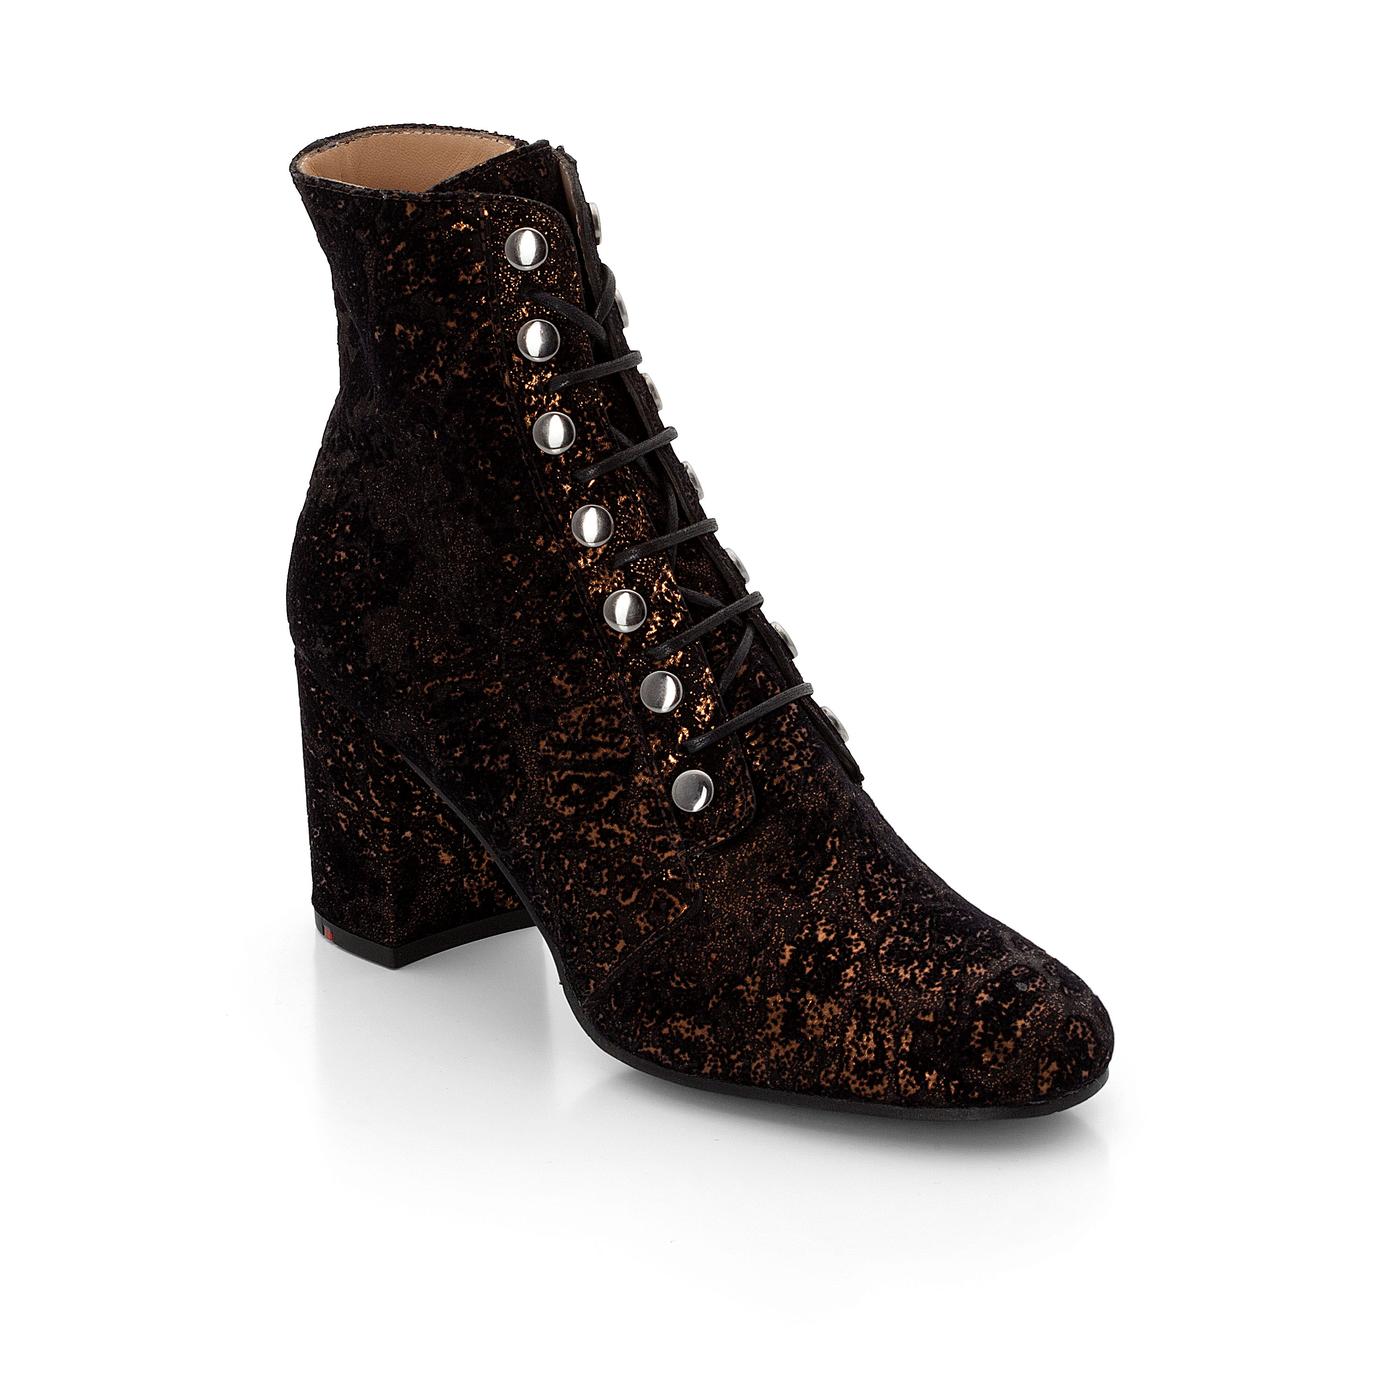 Stiefeletten | Schuhe > Stiefeletten > Sonstige Stiefeletten | Gold | Leder | Lloyd